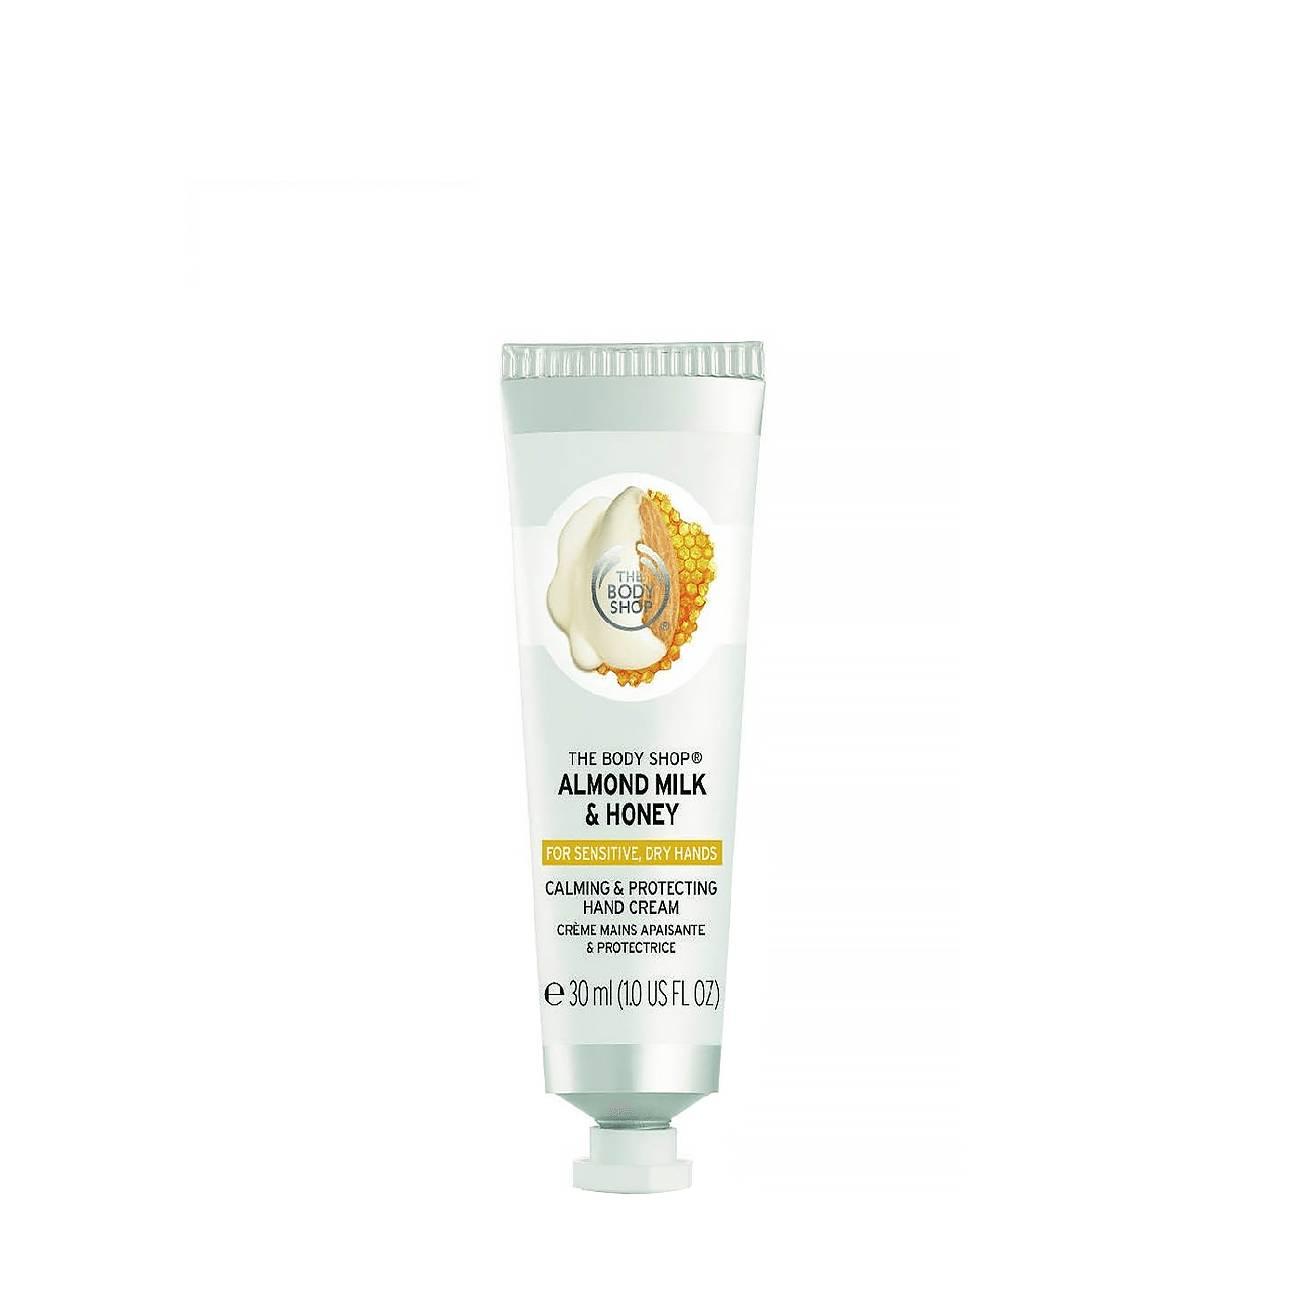 Almond Milk & Honey Hand Cream 30ml imagine